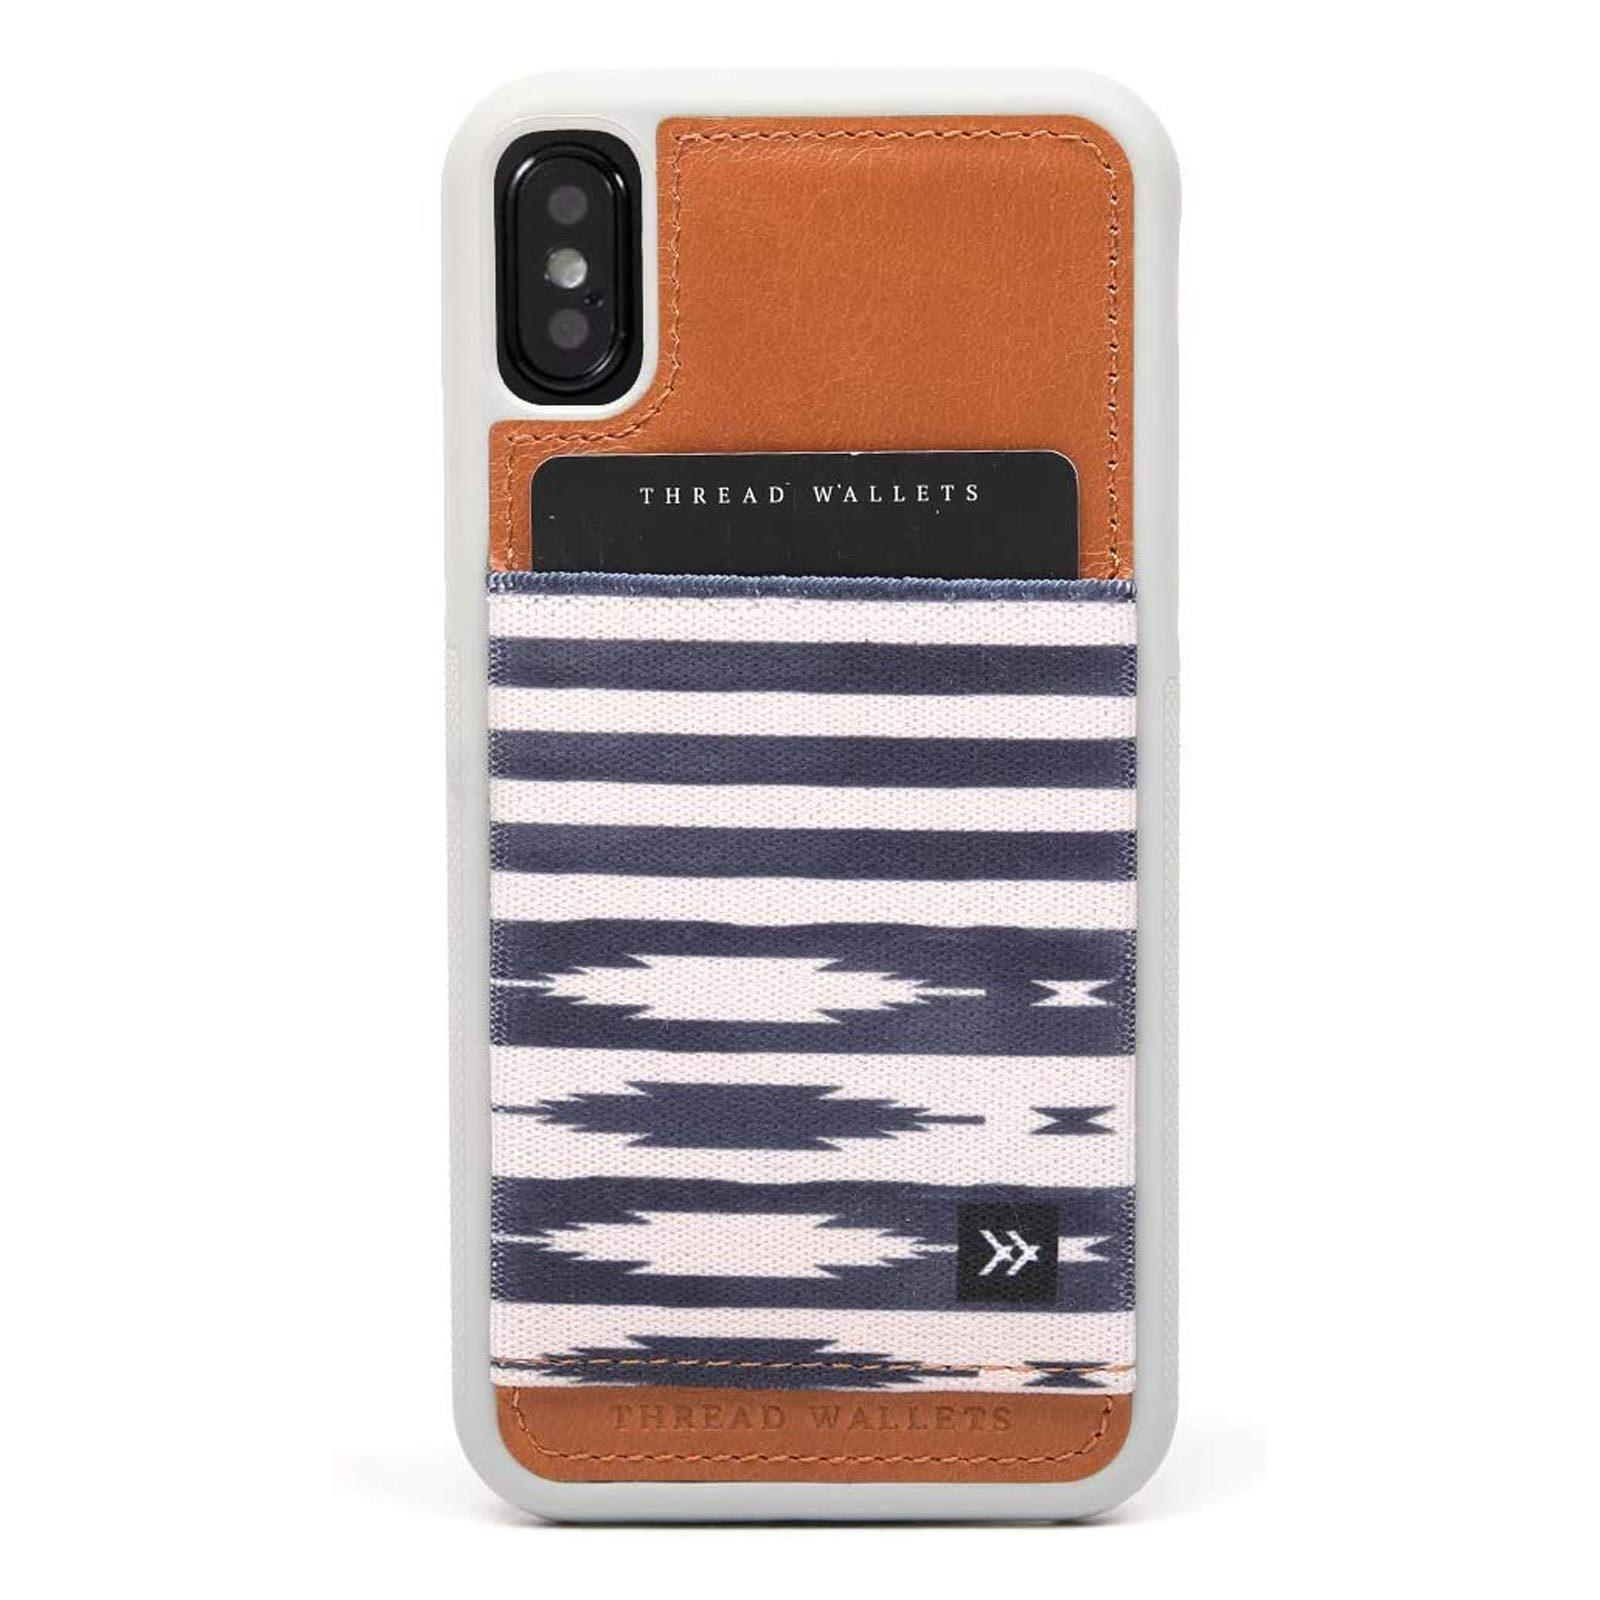 Thread Wallets Slim Minimalist iPhone Wallet Case